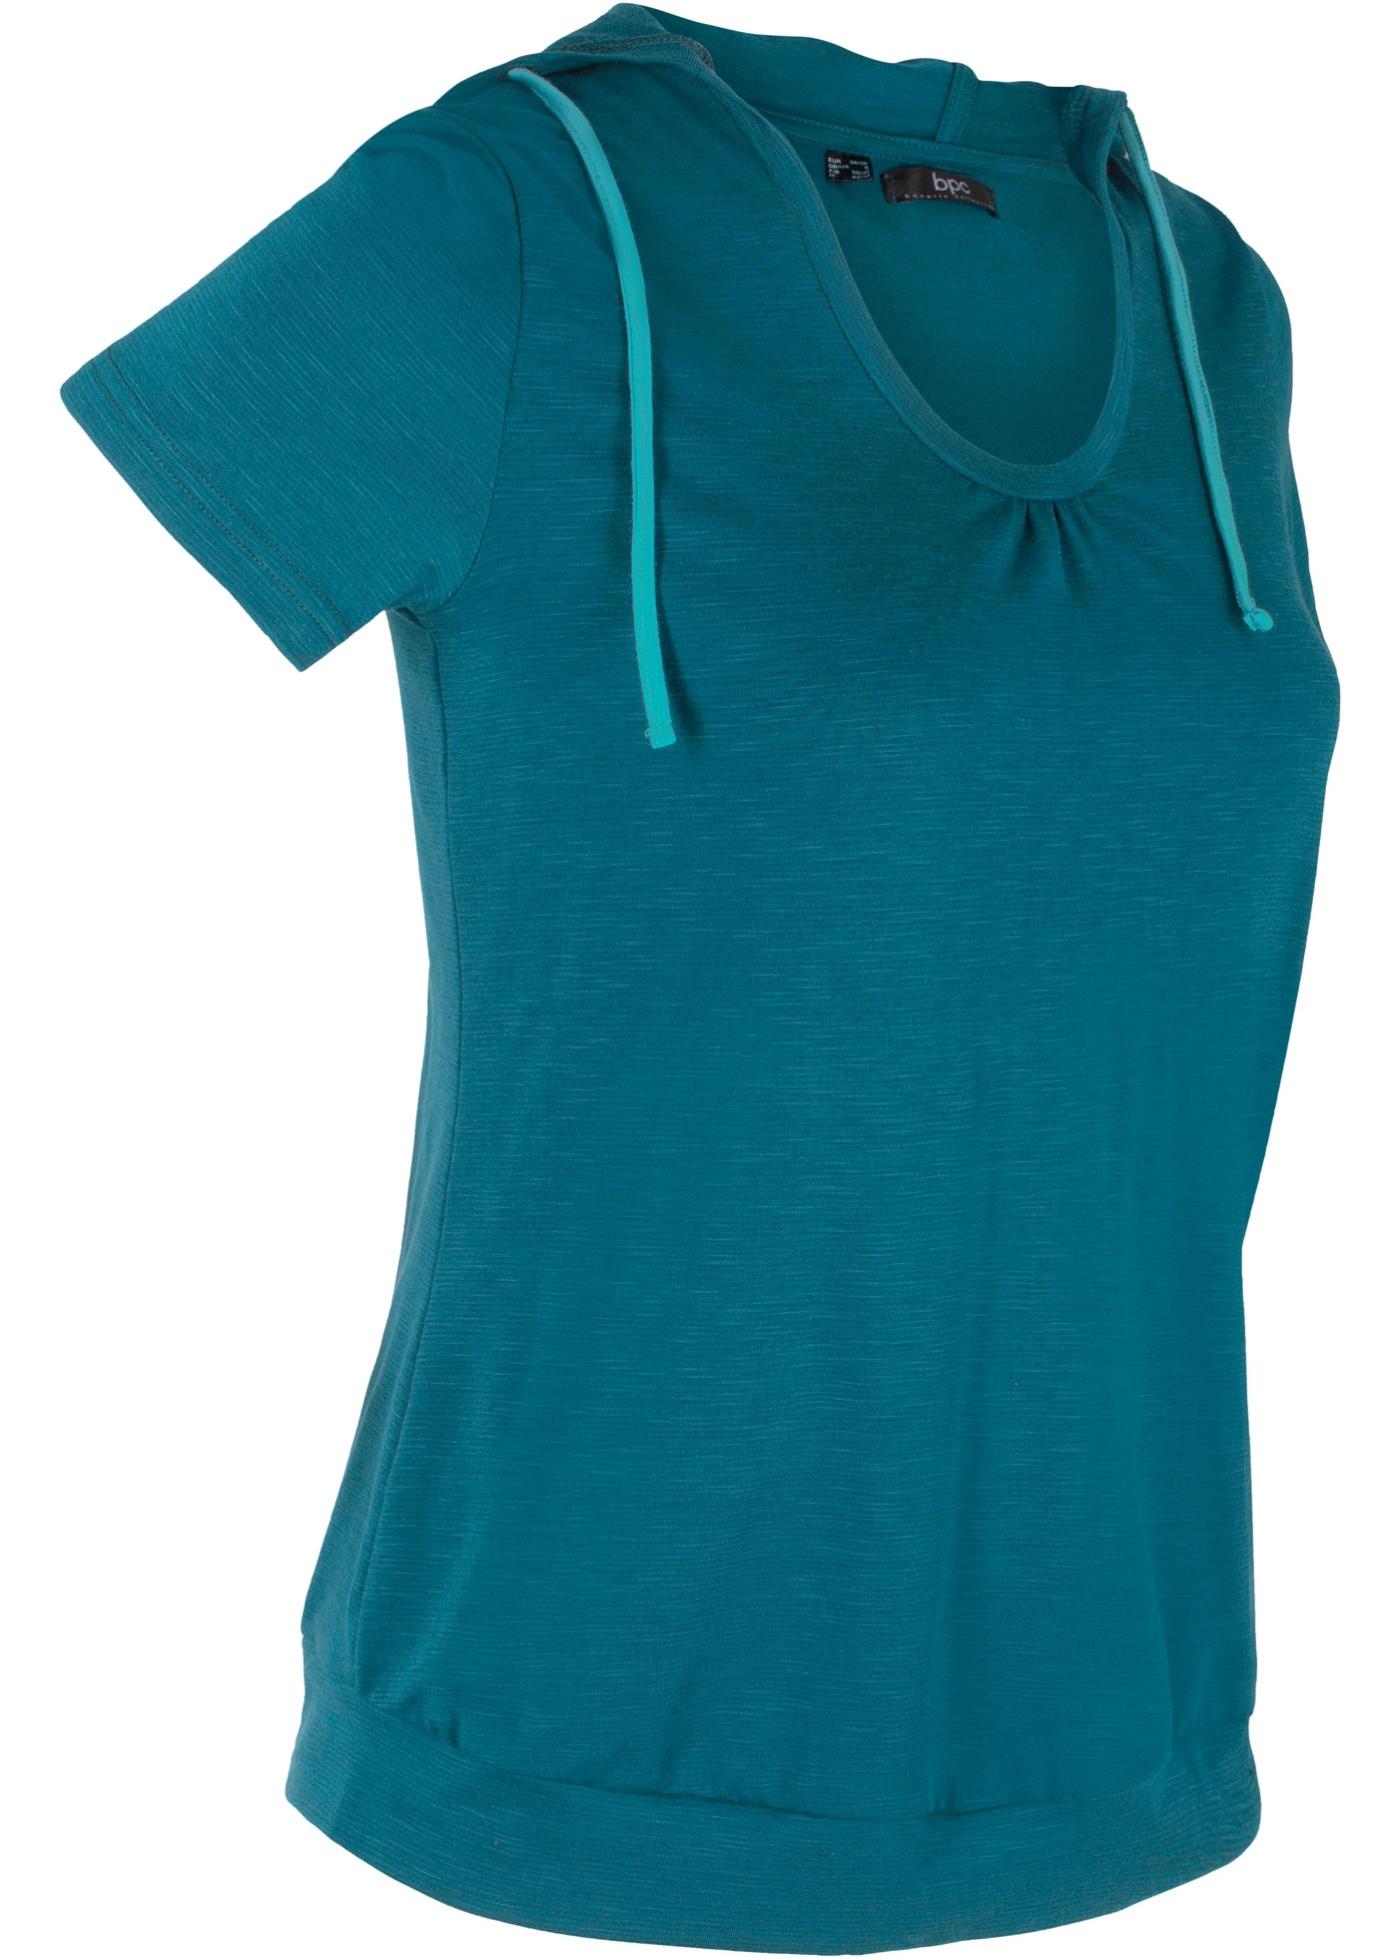 Fonctionnel Pétrole CollectionT Manches Bonprix shirt Bpc Courtes Pour Femme KF1Jc3lT